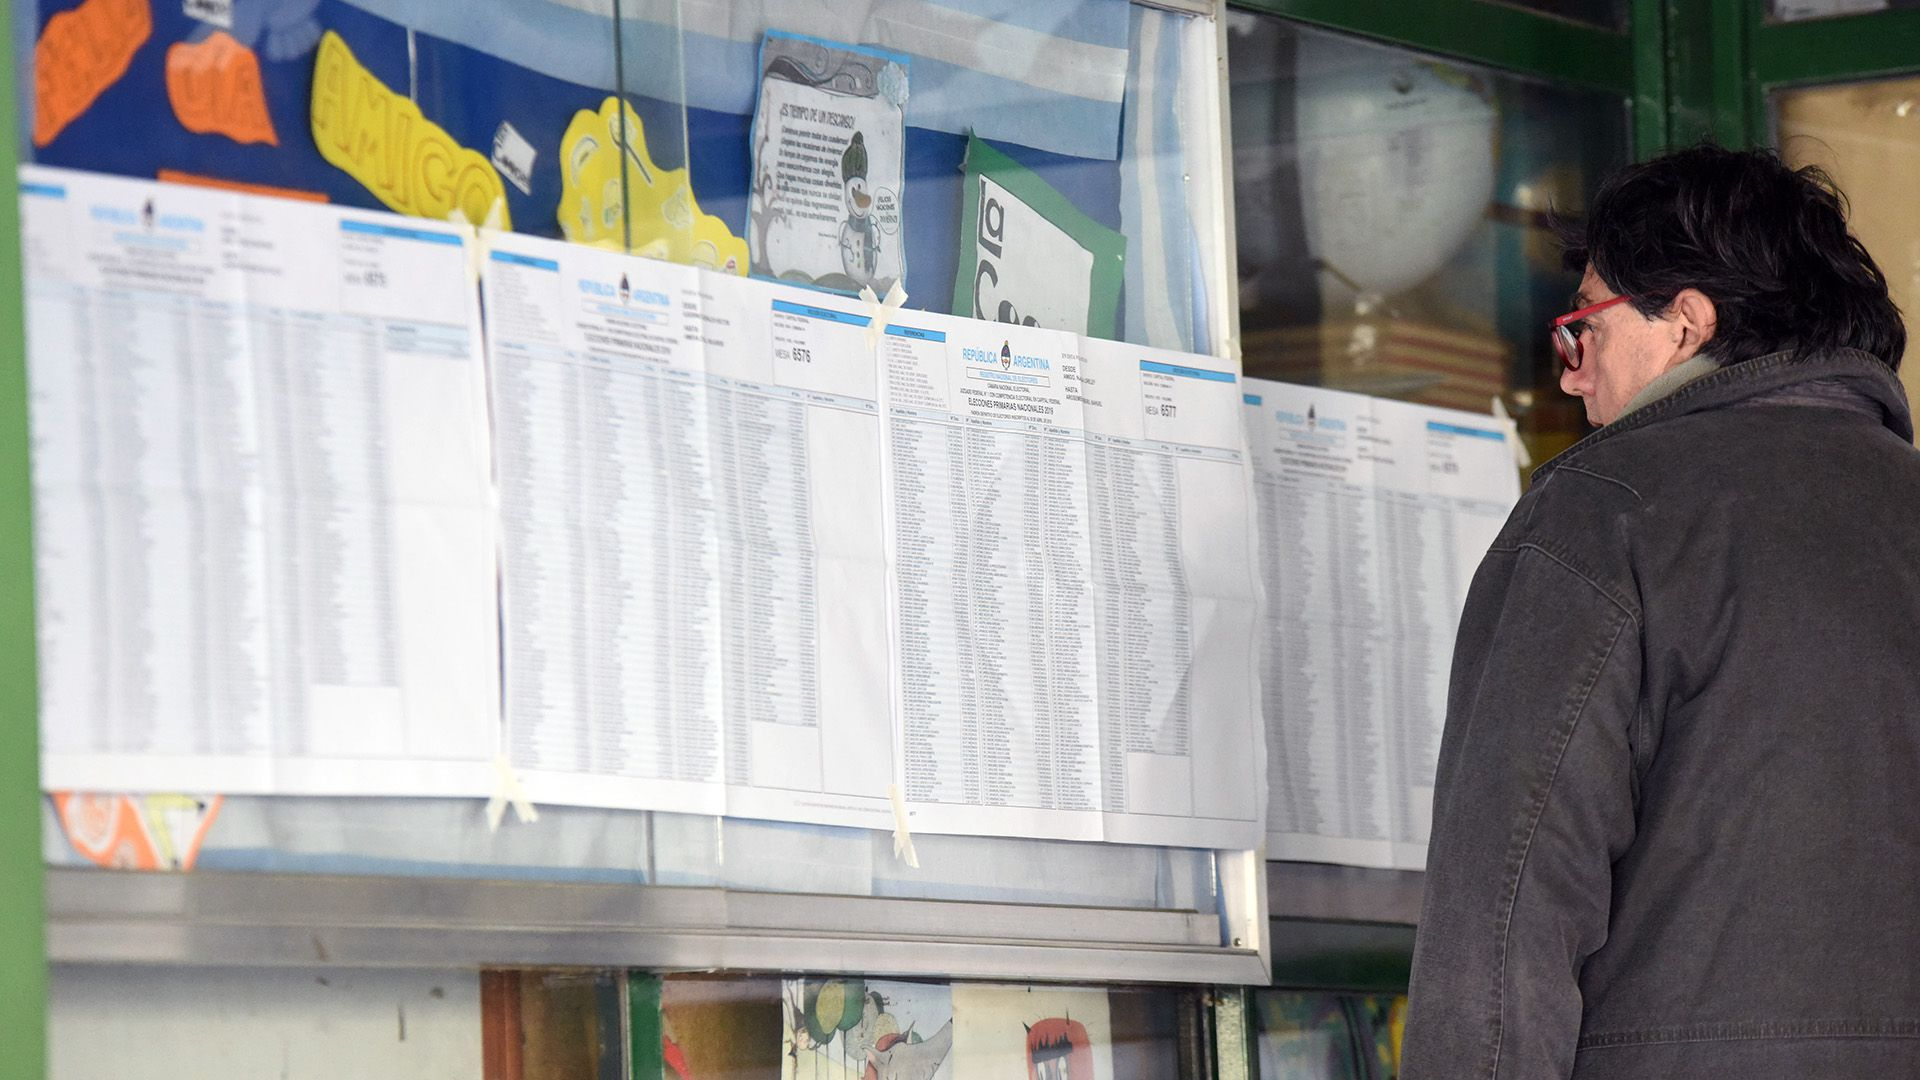 Habrá cambios en los lugares habituales de votación por lo que es recomendable chequear el padrón (Franco Fafasuli)